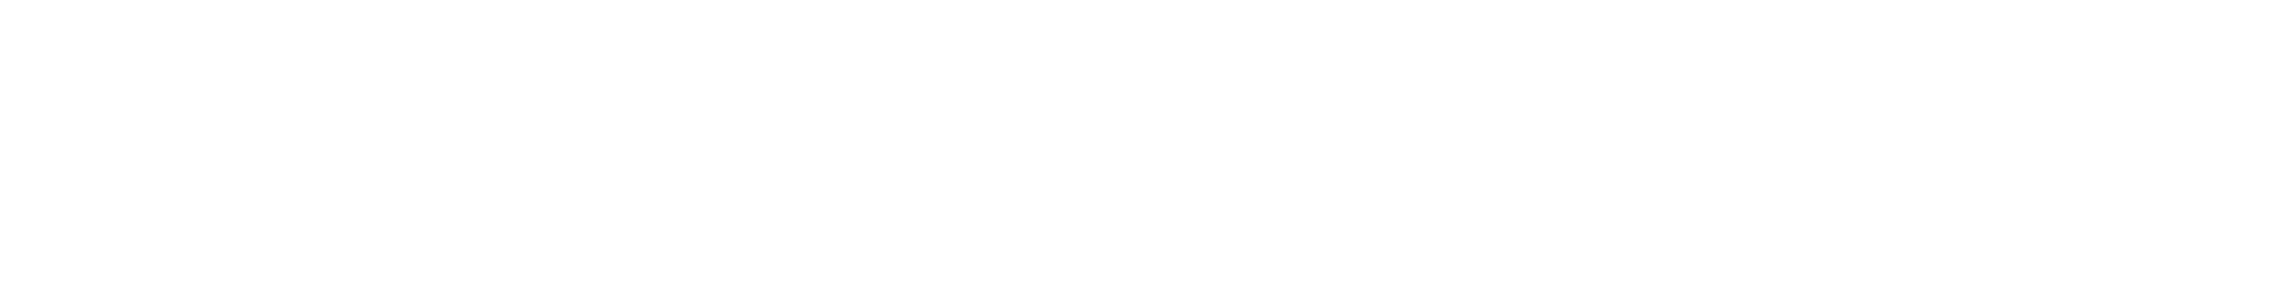 Eastern Riverina Chronicle